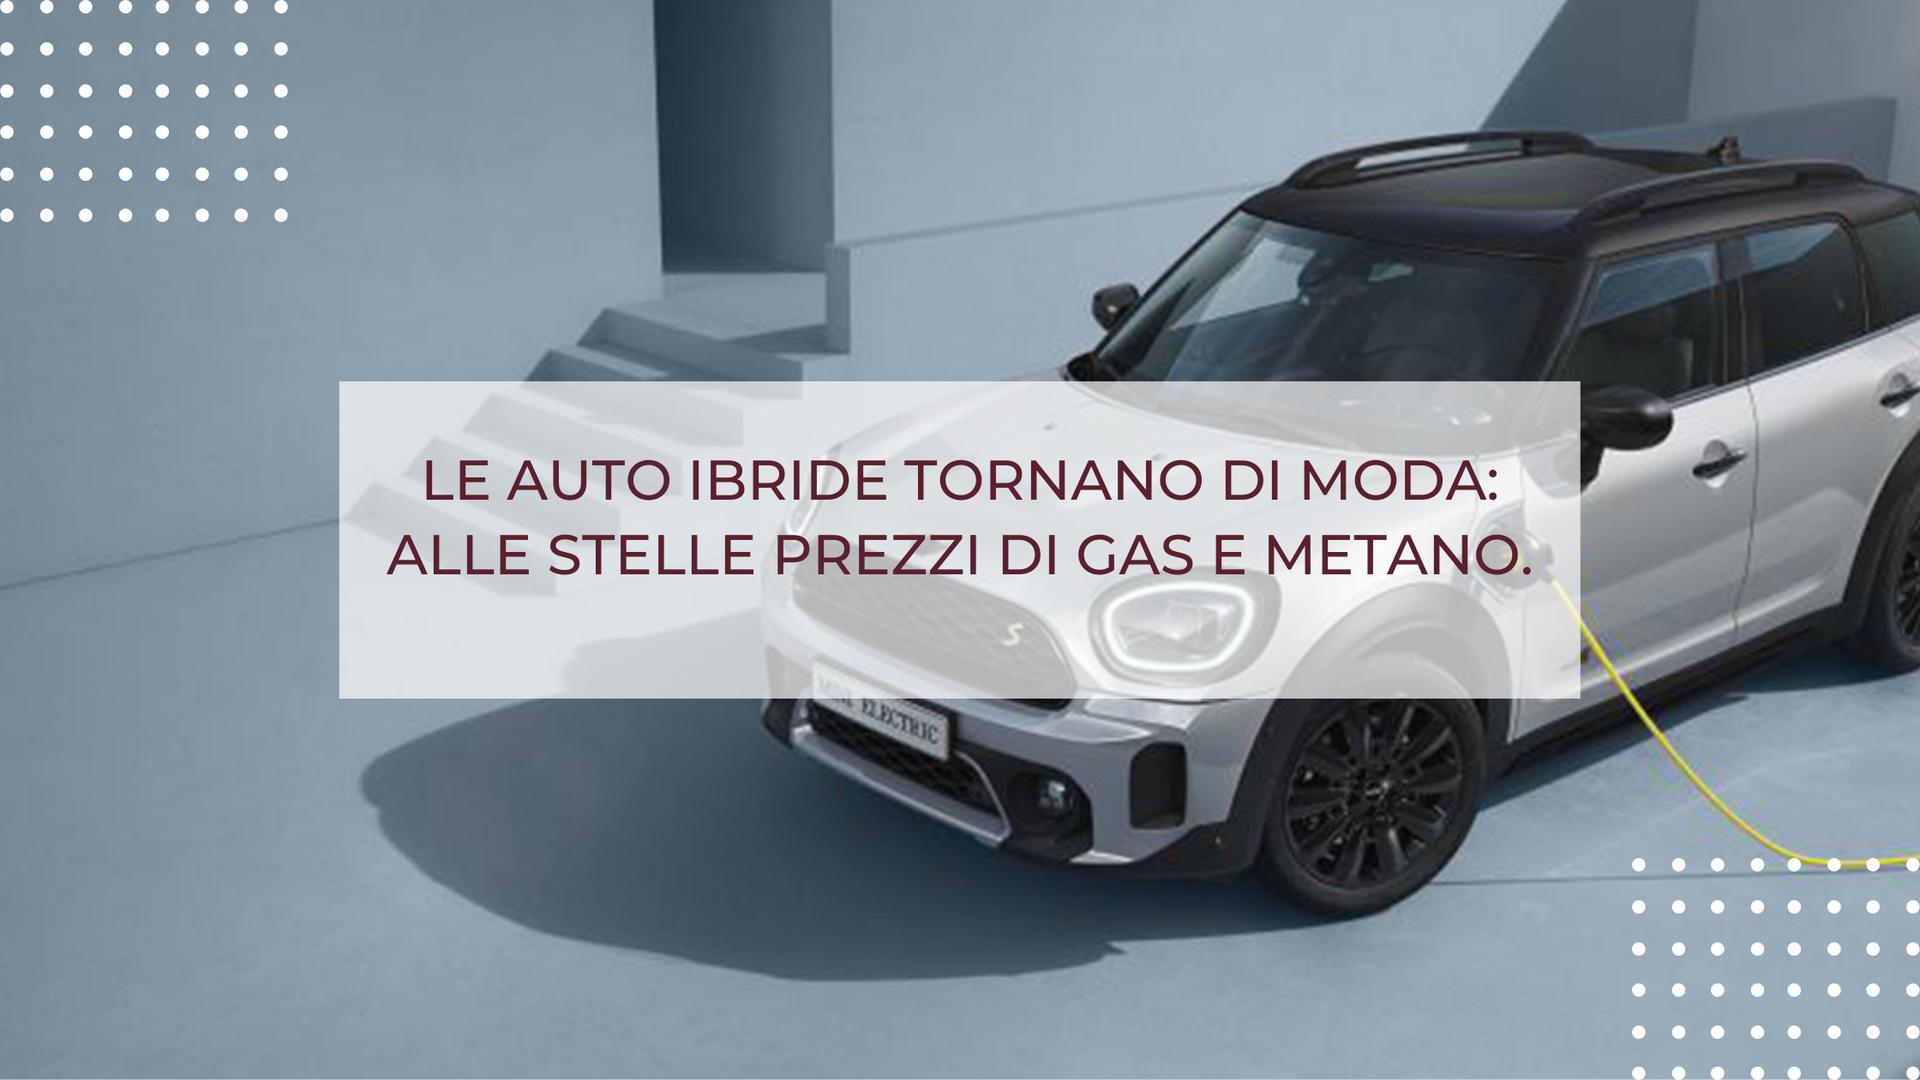 LE AUTO IBRIDE TORNANO DI MODA: ALLE STELLE PREZZI DI GAS E METANO.